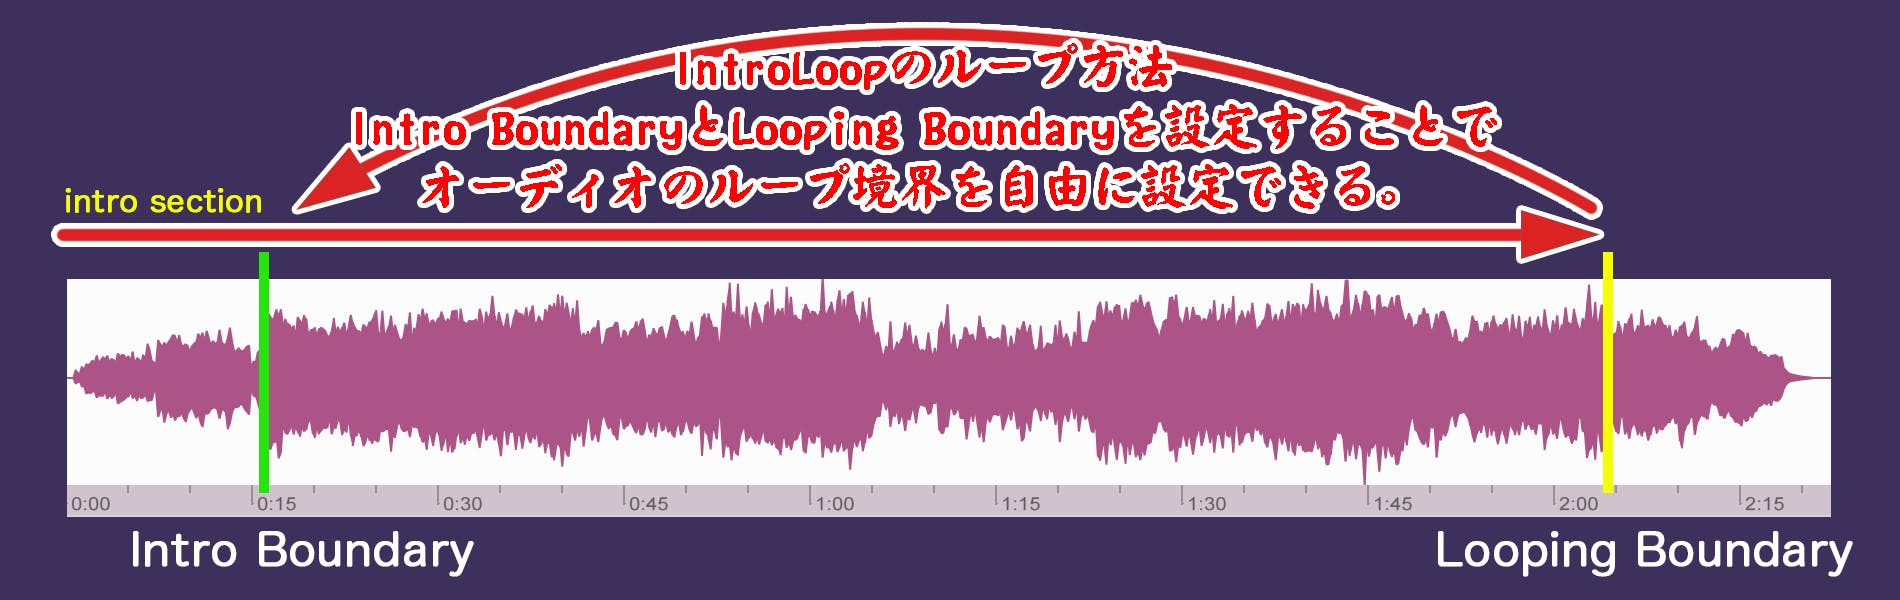 IntroLoop2.png